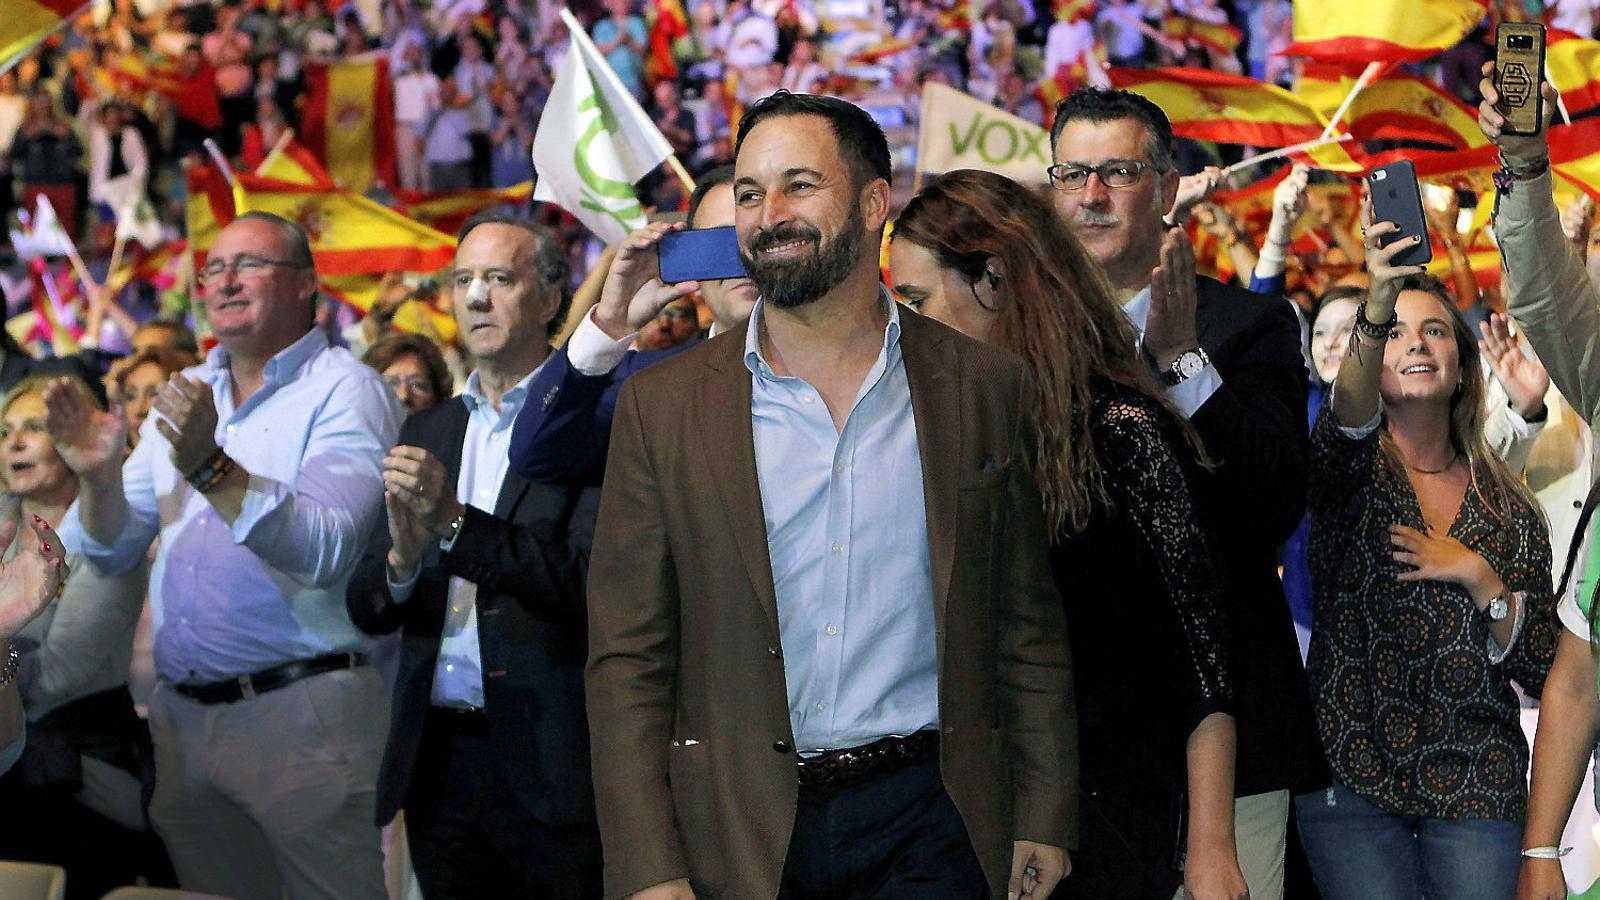 """""""Aquest no és un partit democràtic ni ho serà"""", admet en un àudio el cap de campanya de Vox a Alacant"""